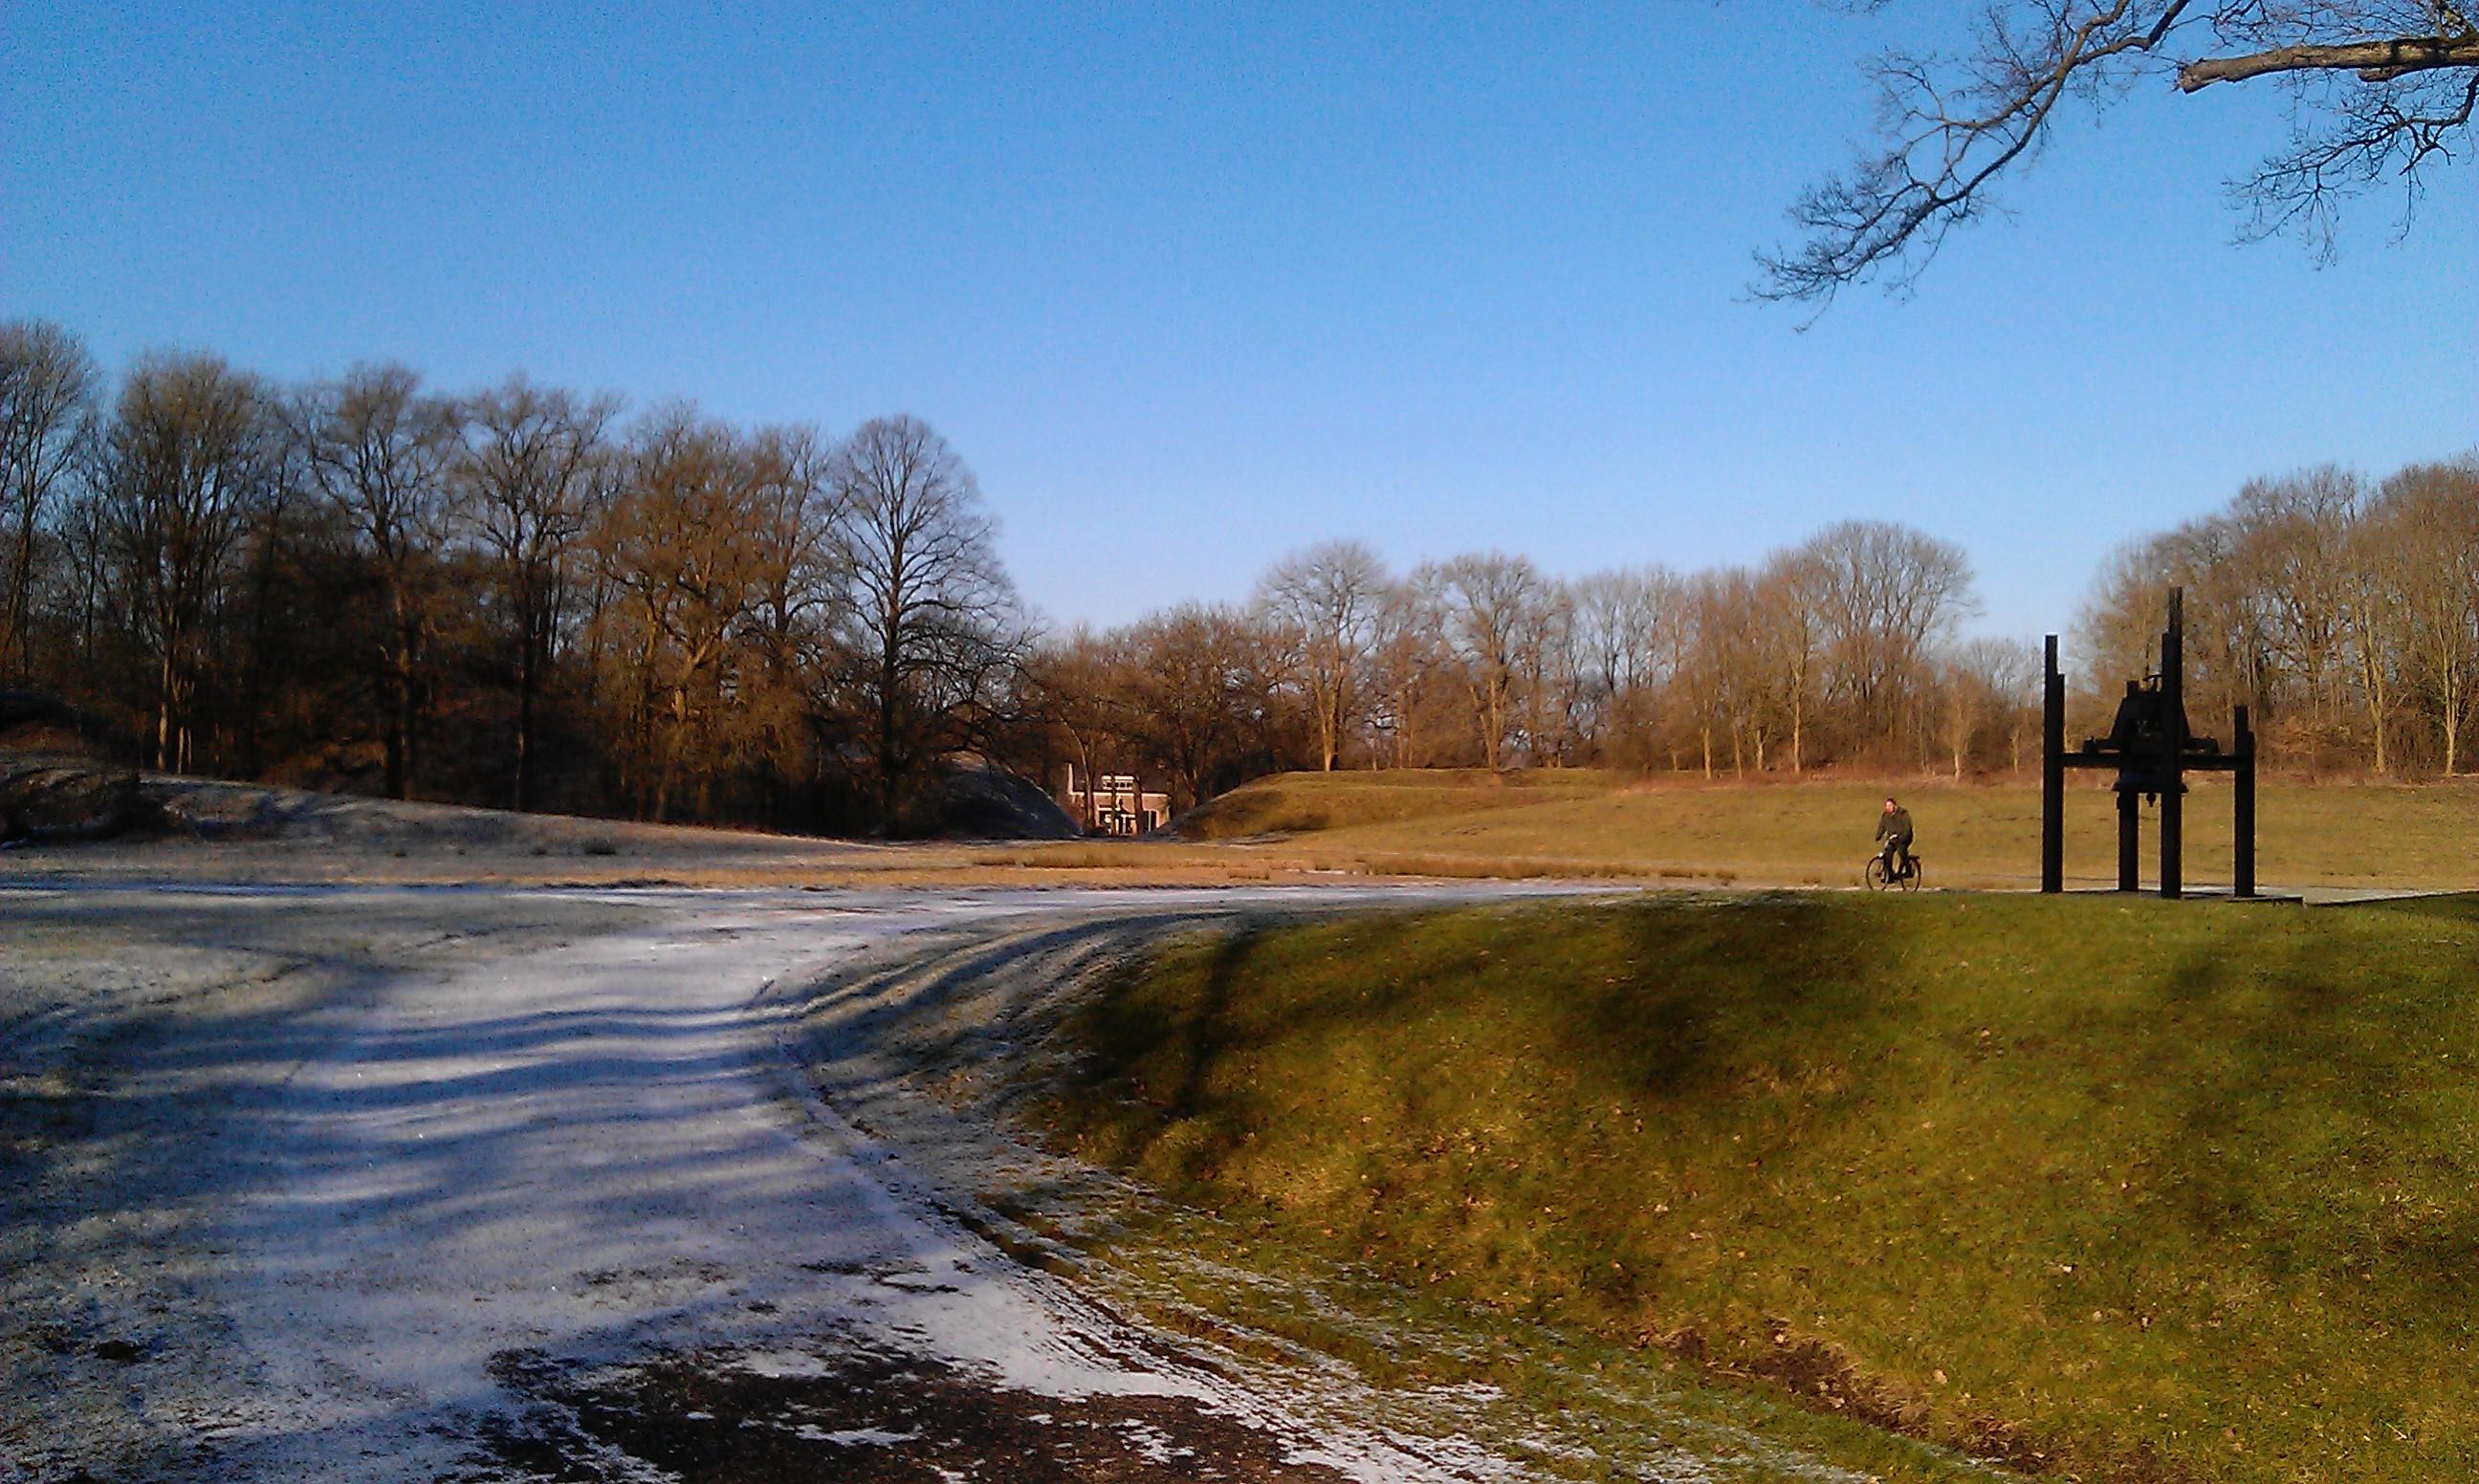 De sneeuw verrad de winter, de zon en zingende zanglijster beloven de lente!